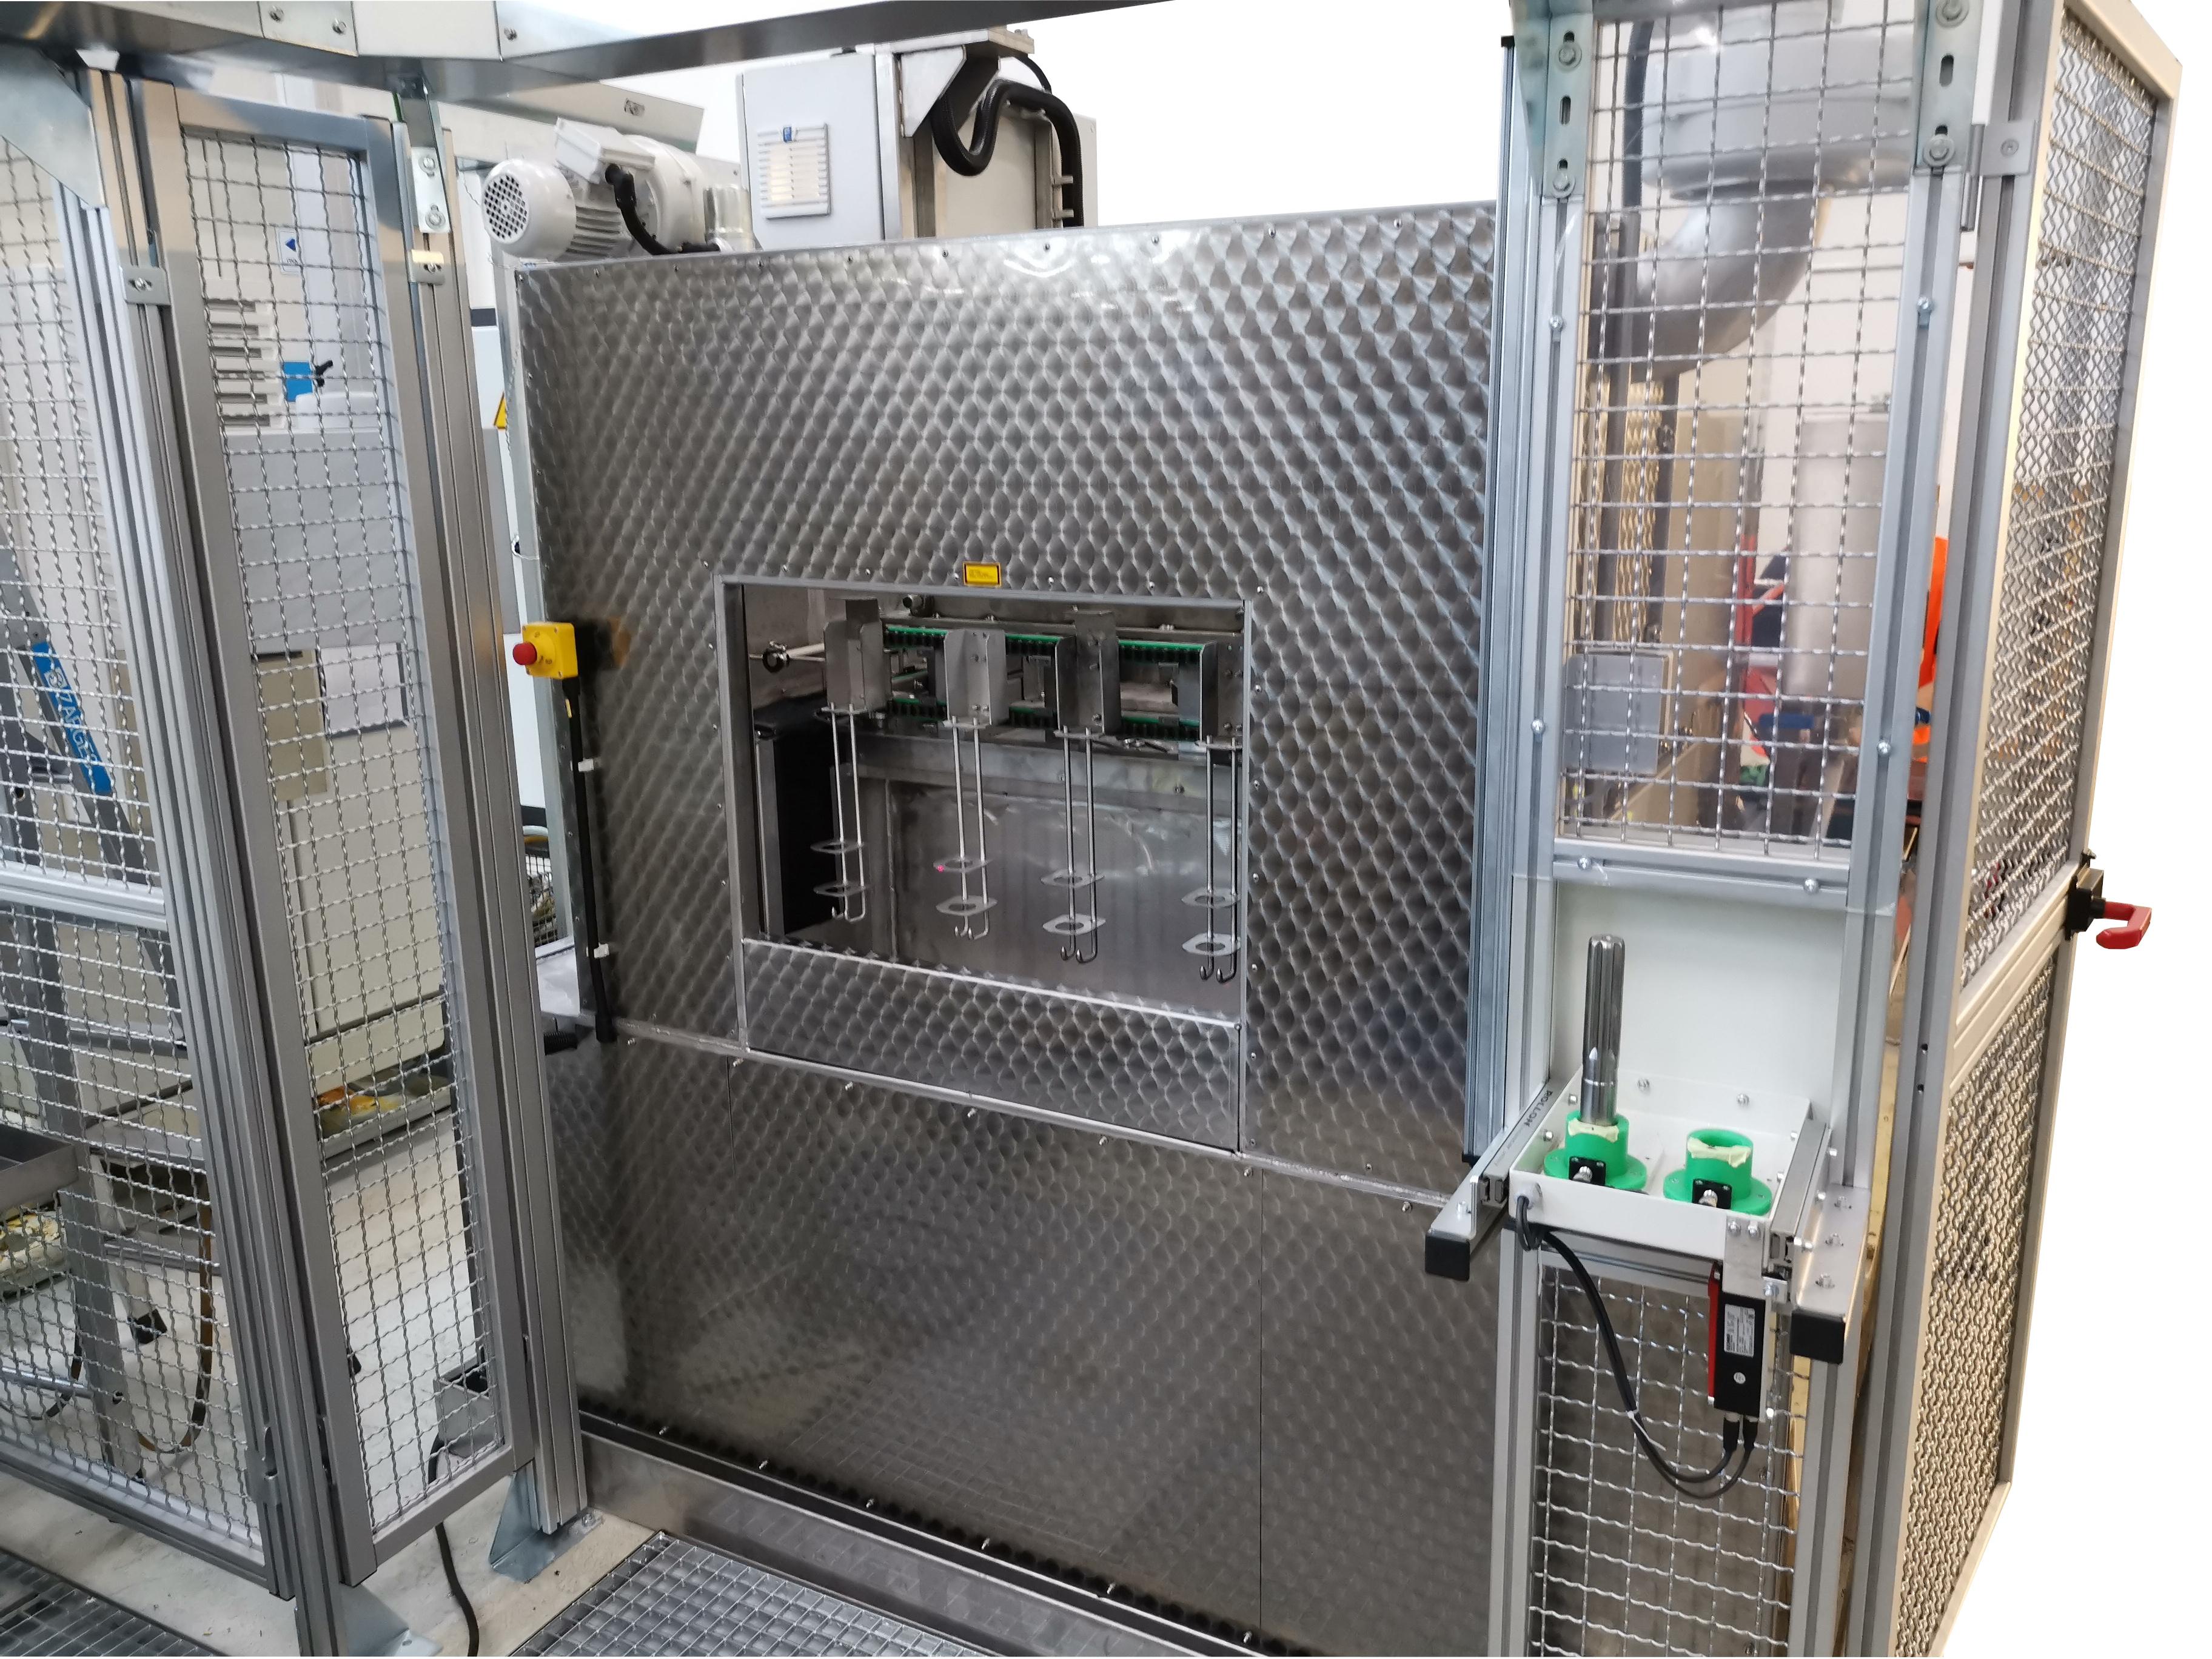 Tunnel de lavage chargé par robot lavage/ rinçage / séchage avec des dispositifs de fixation pour les pièces à laver